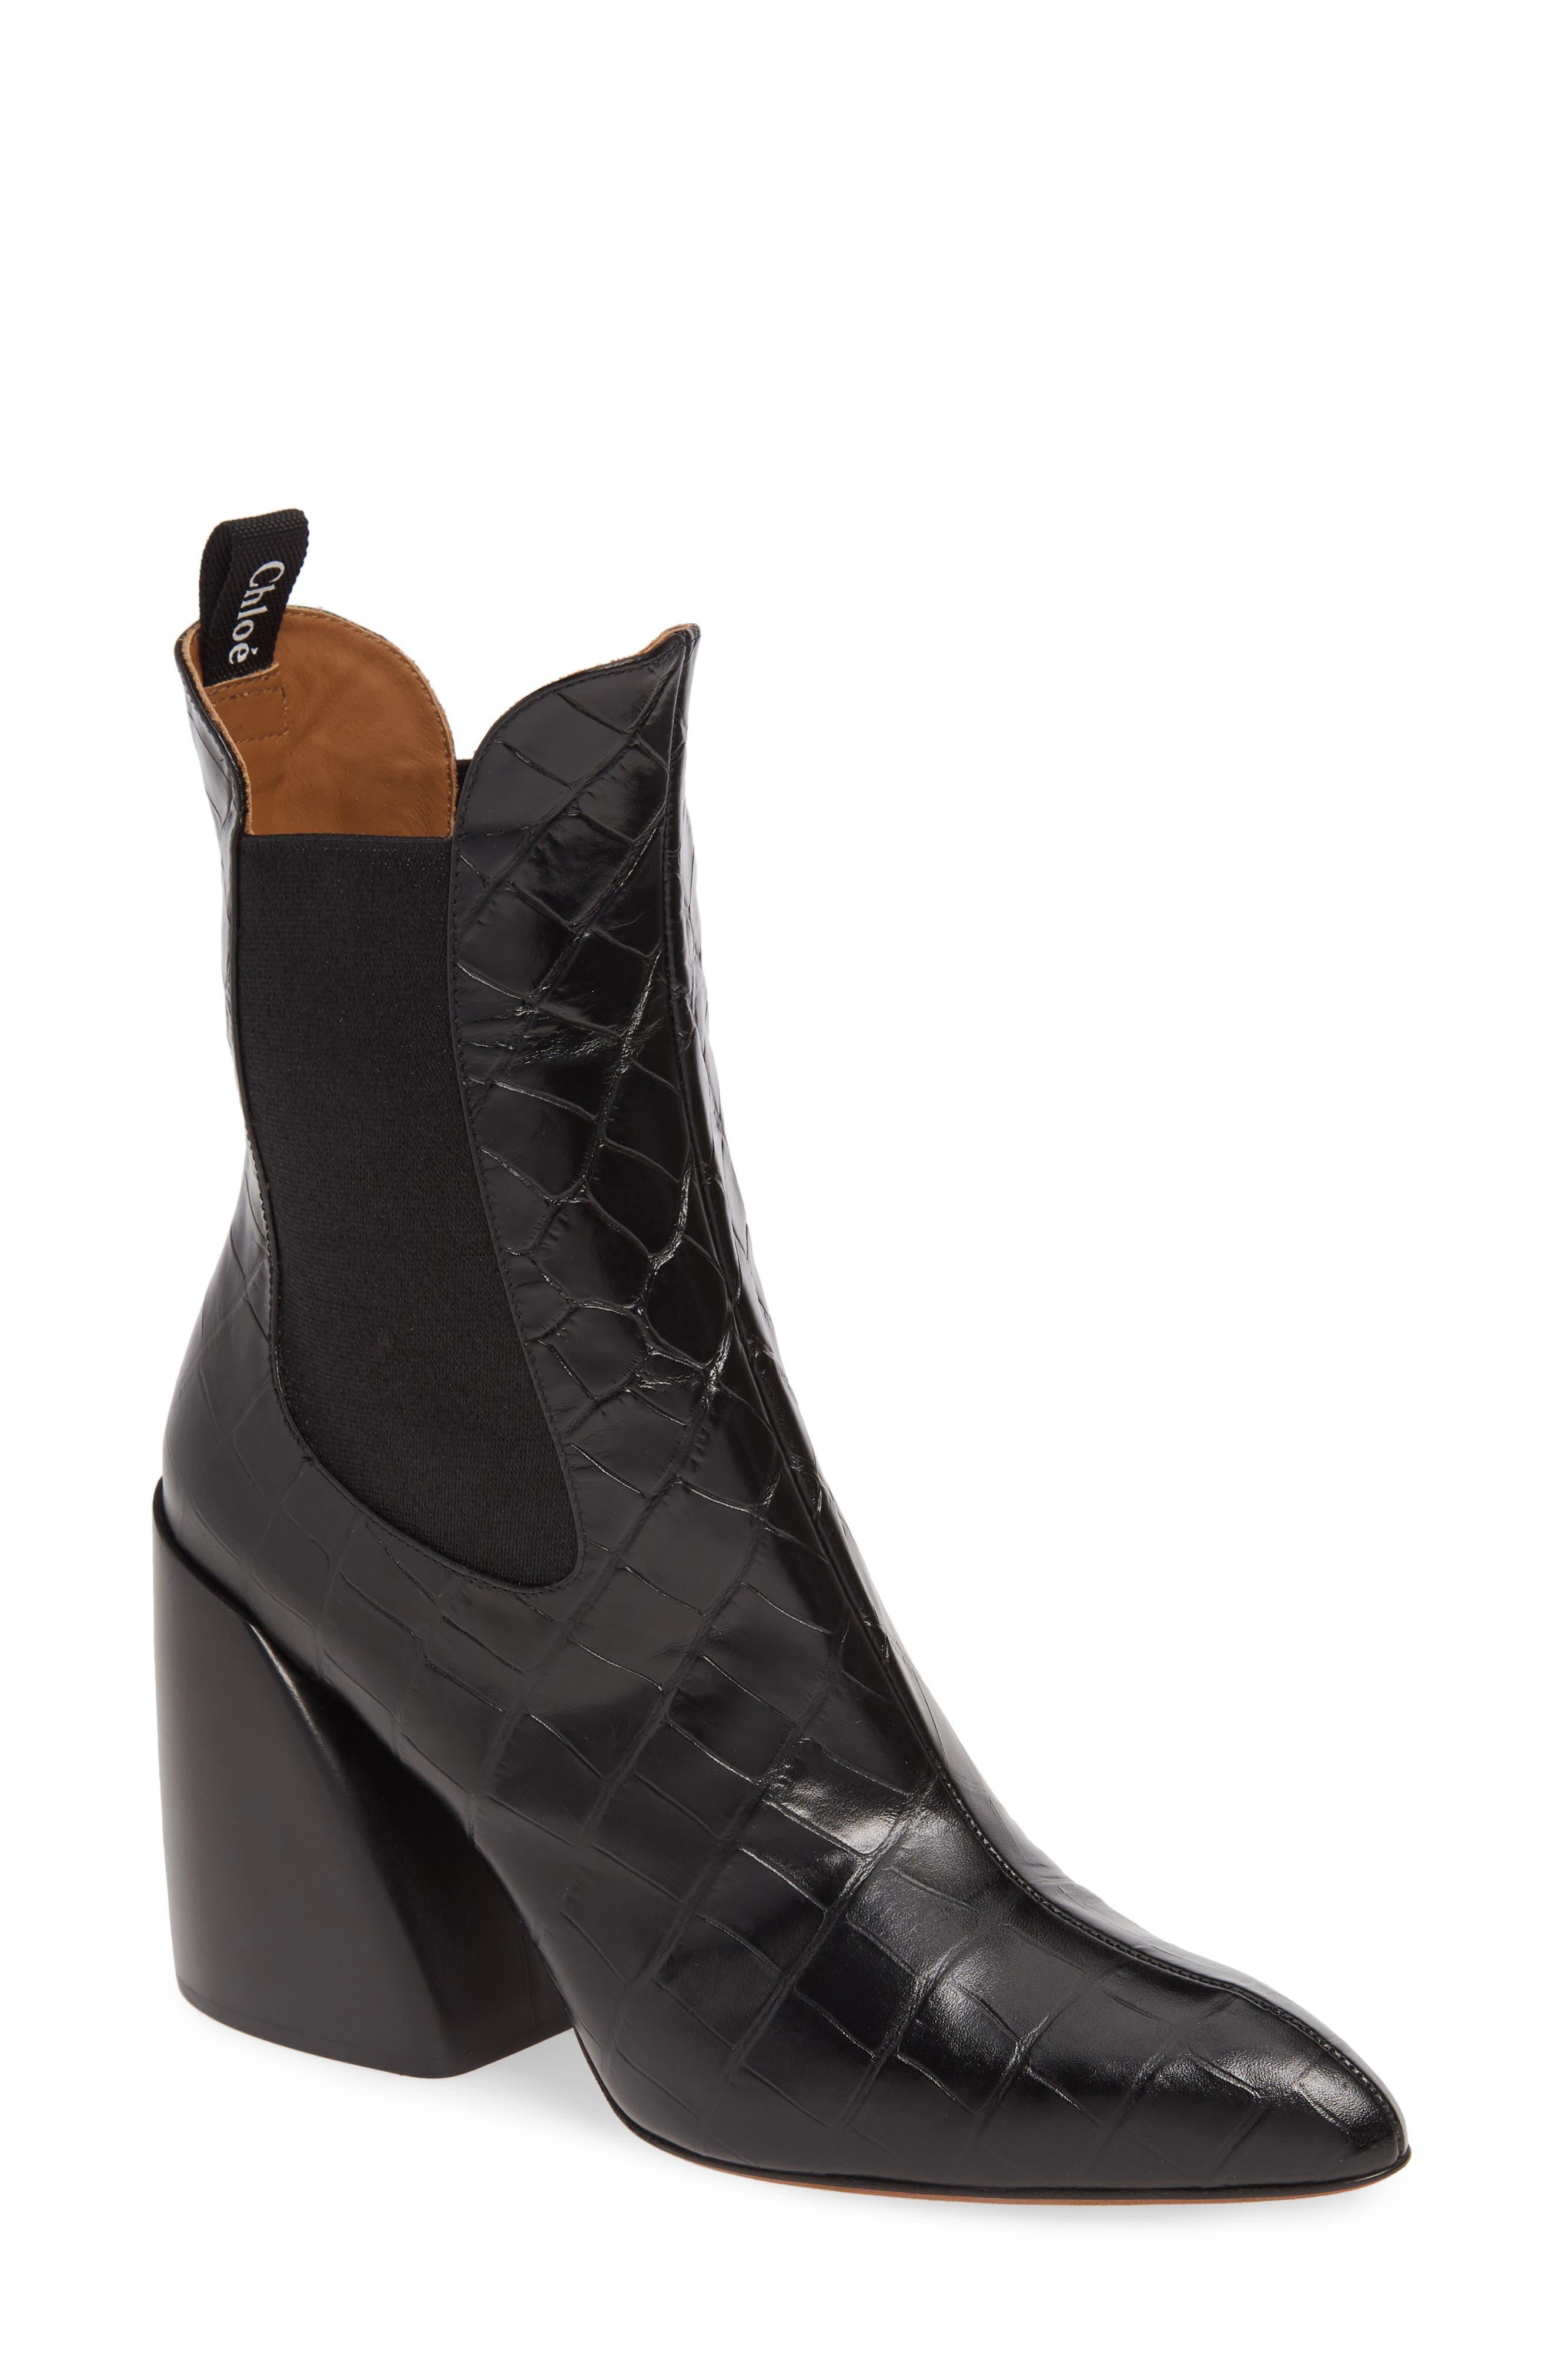 Chloe Croc Embossed Chelsea Boot - Black